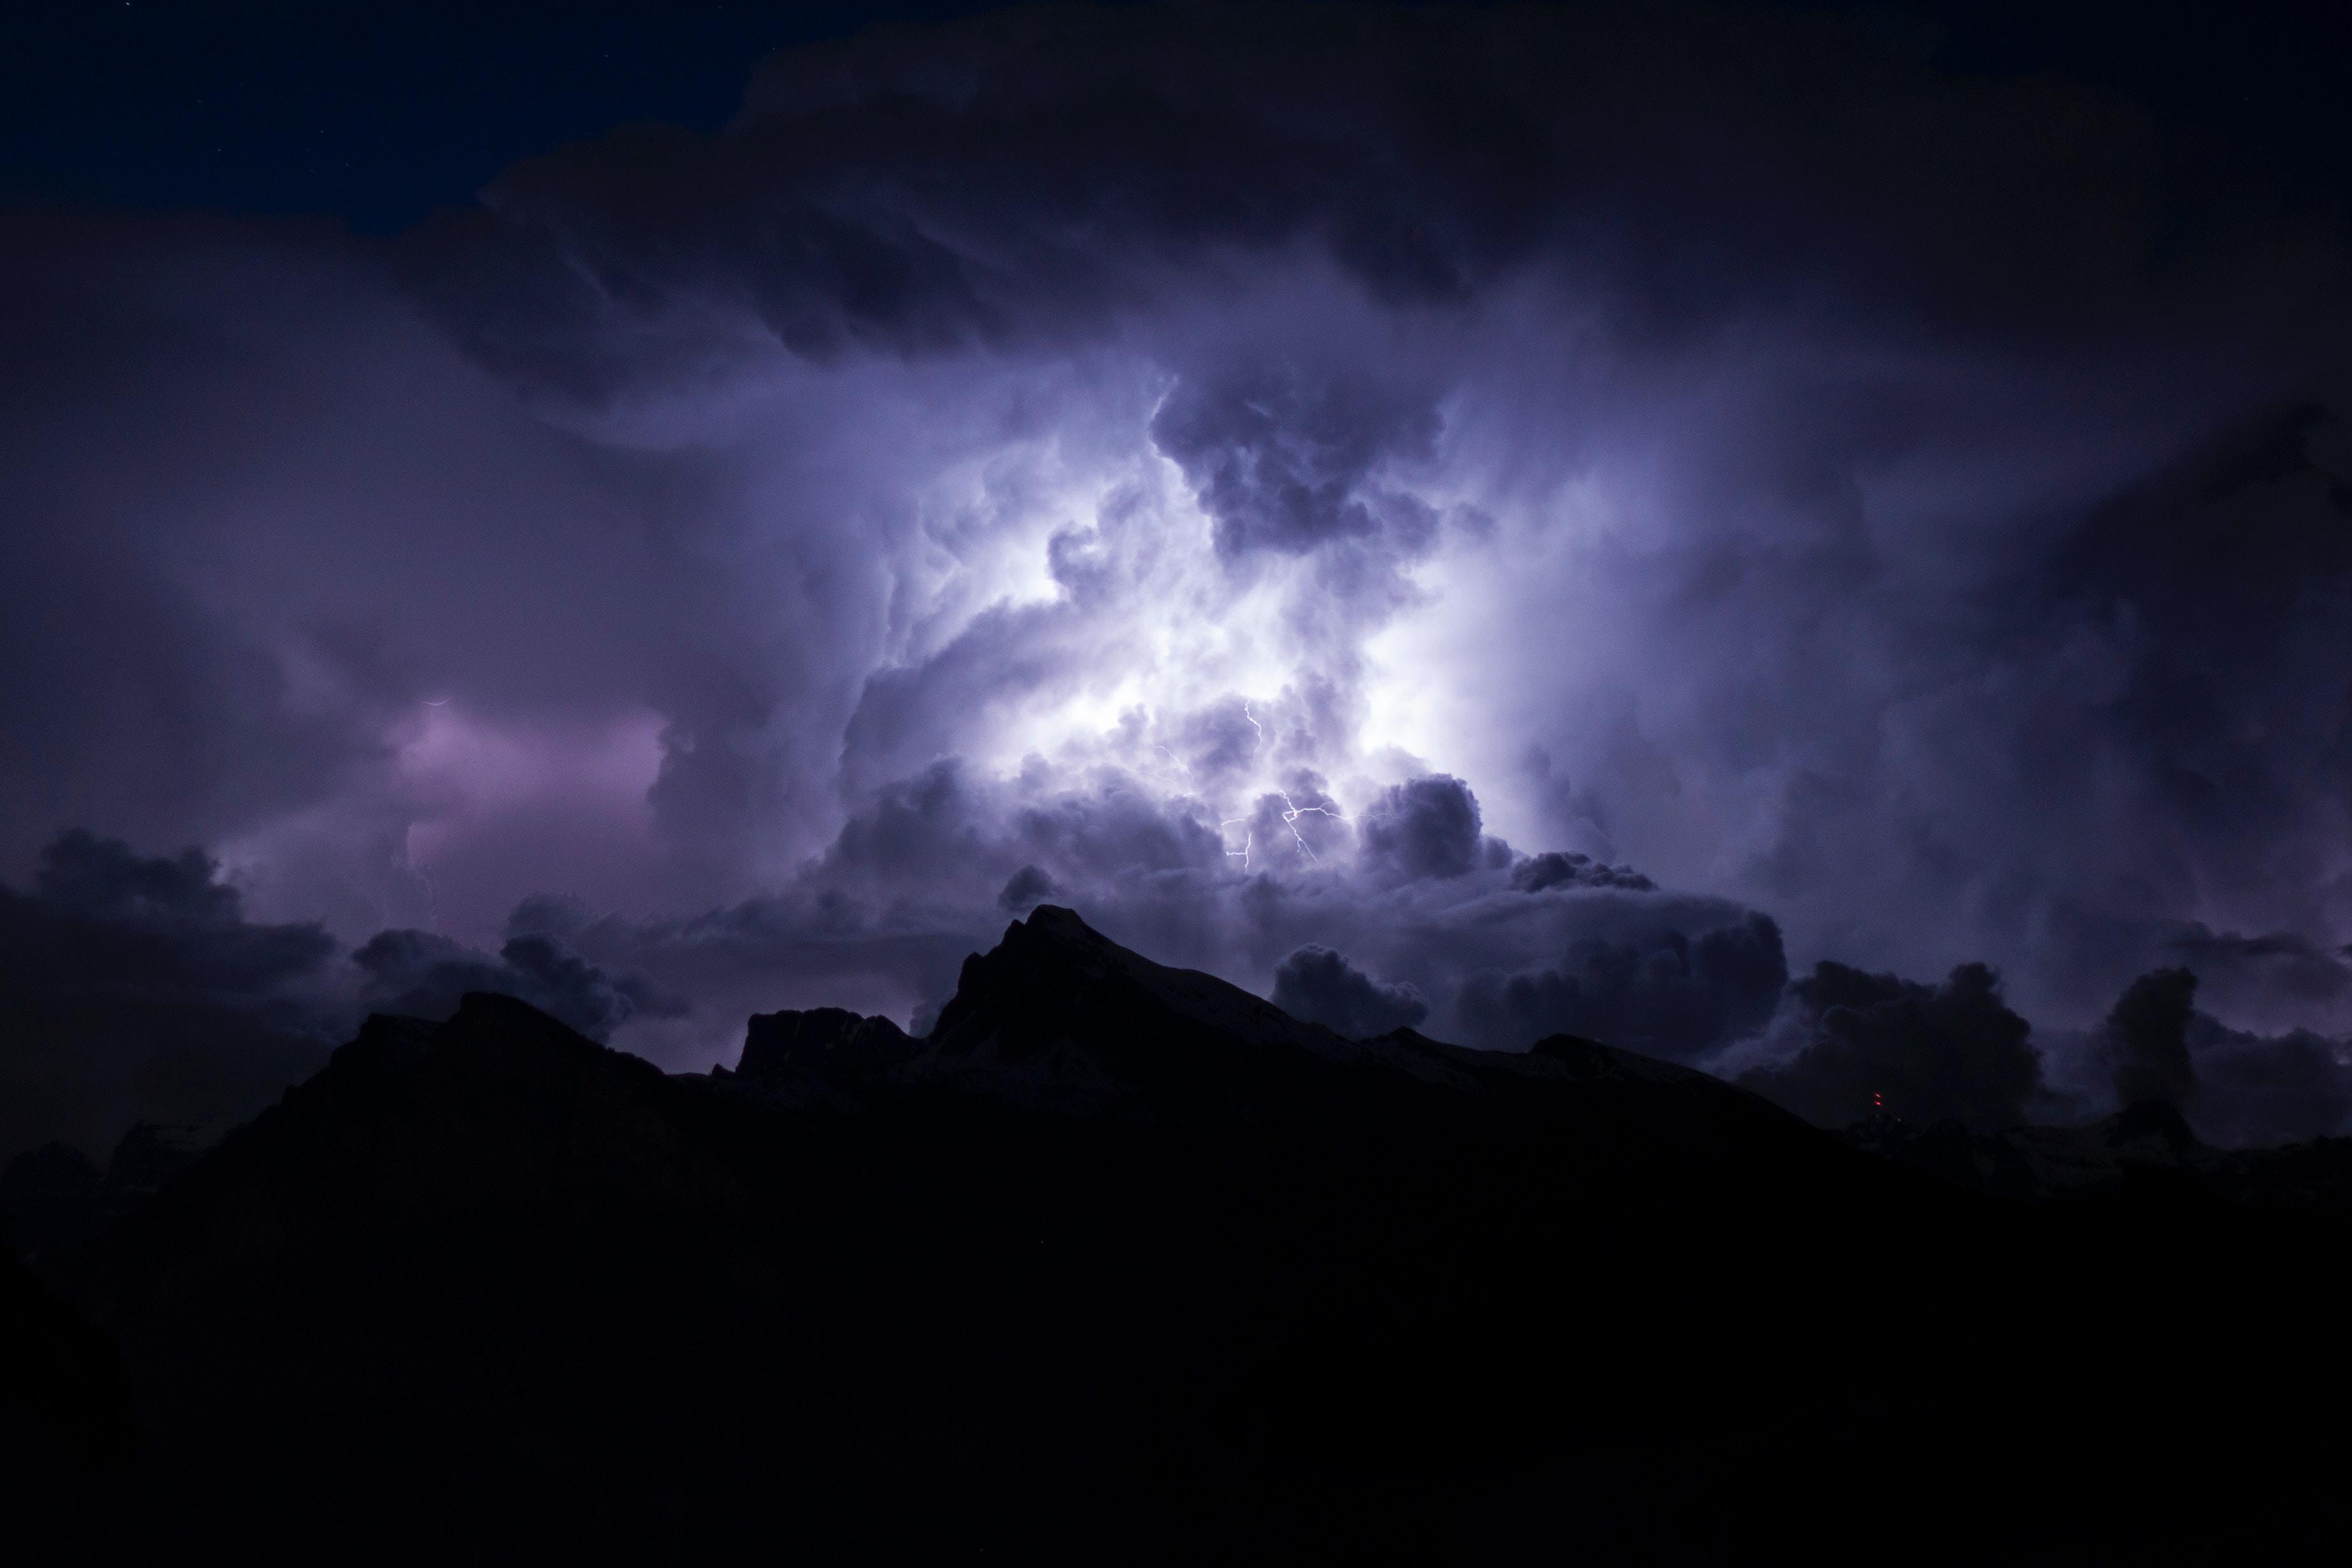 72817 Заставки и Обои Молния на телефон. Скачать Облака, Природа, Ночь, Темный, Пасмурно, Молния, Мрачный картинки бесплатно